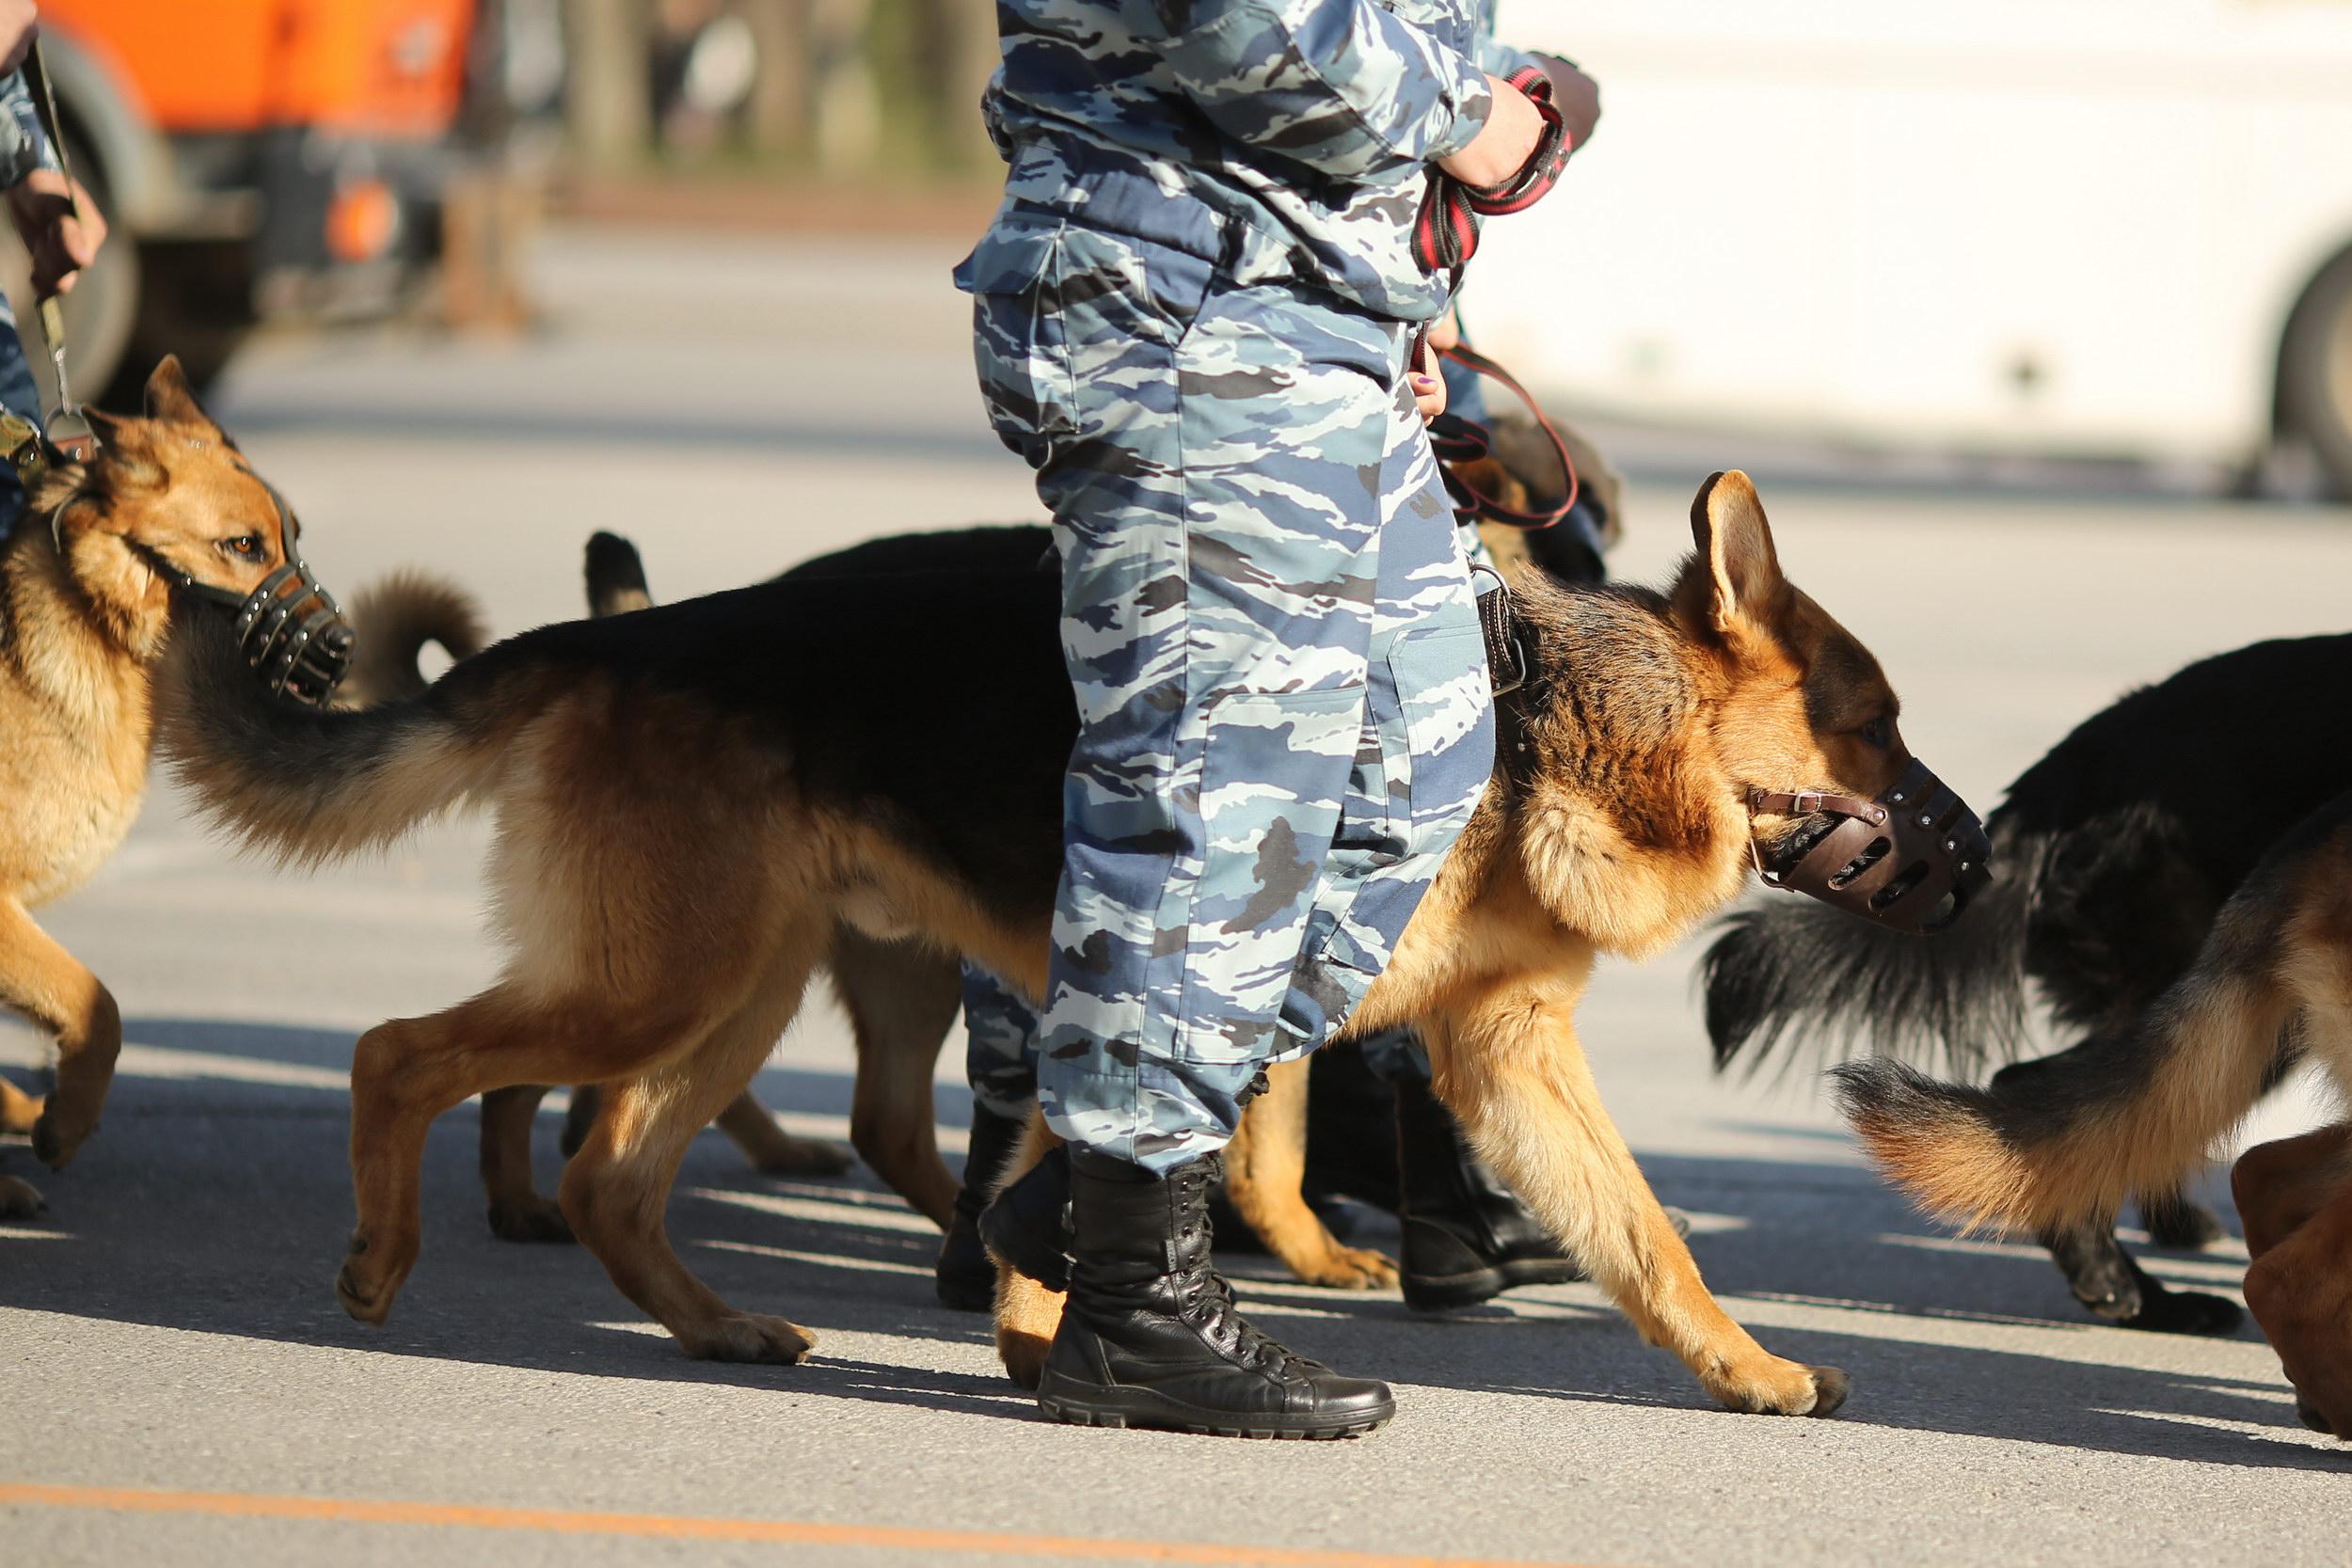 ИзВолгоградского арбитражного суда эвакуируют людей— свидетели